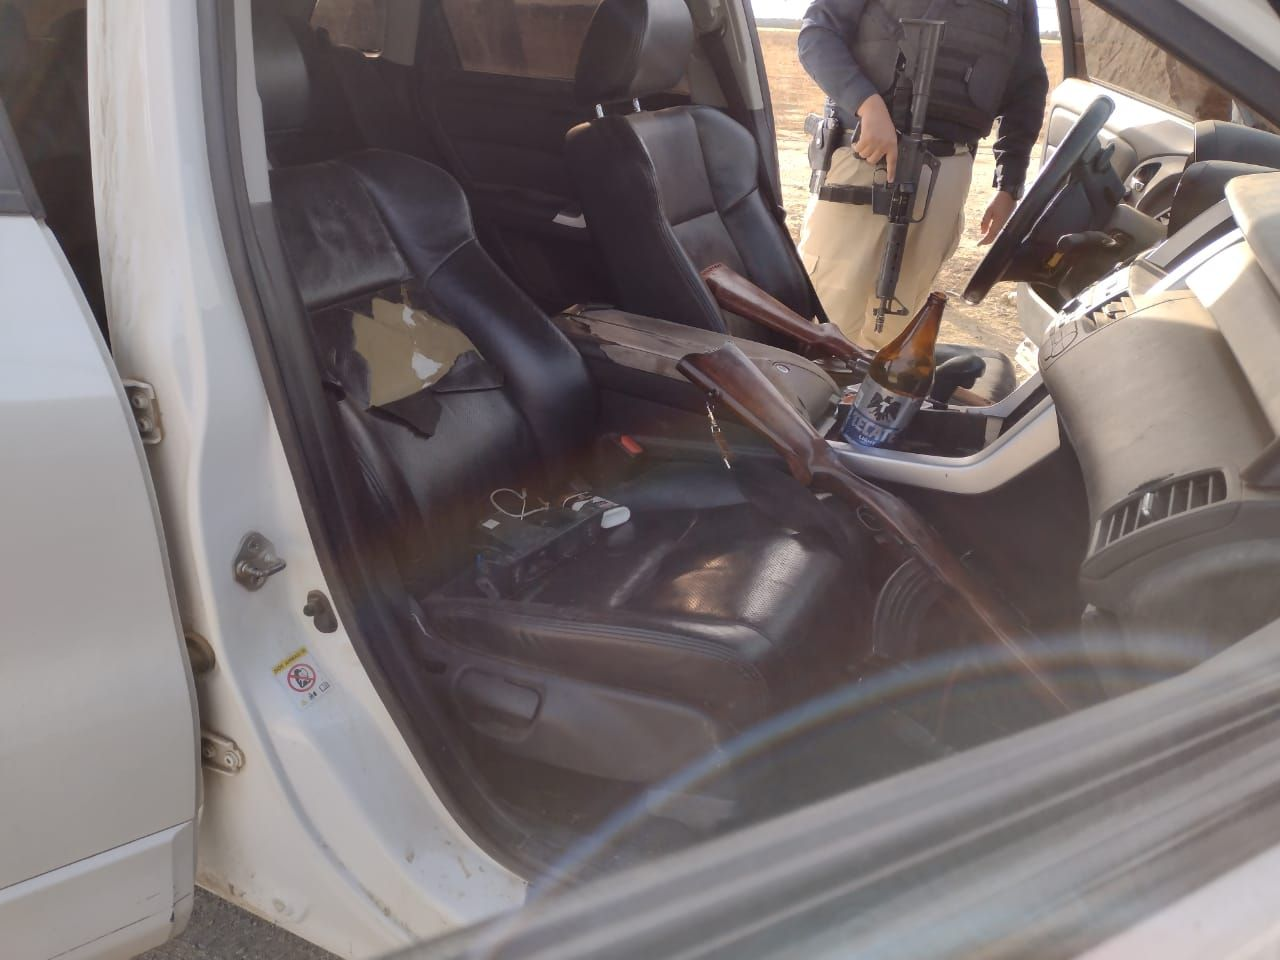 Abandonan camioneta con rifles de asalto